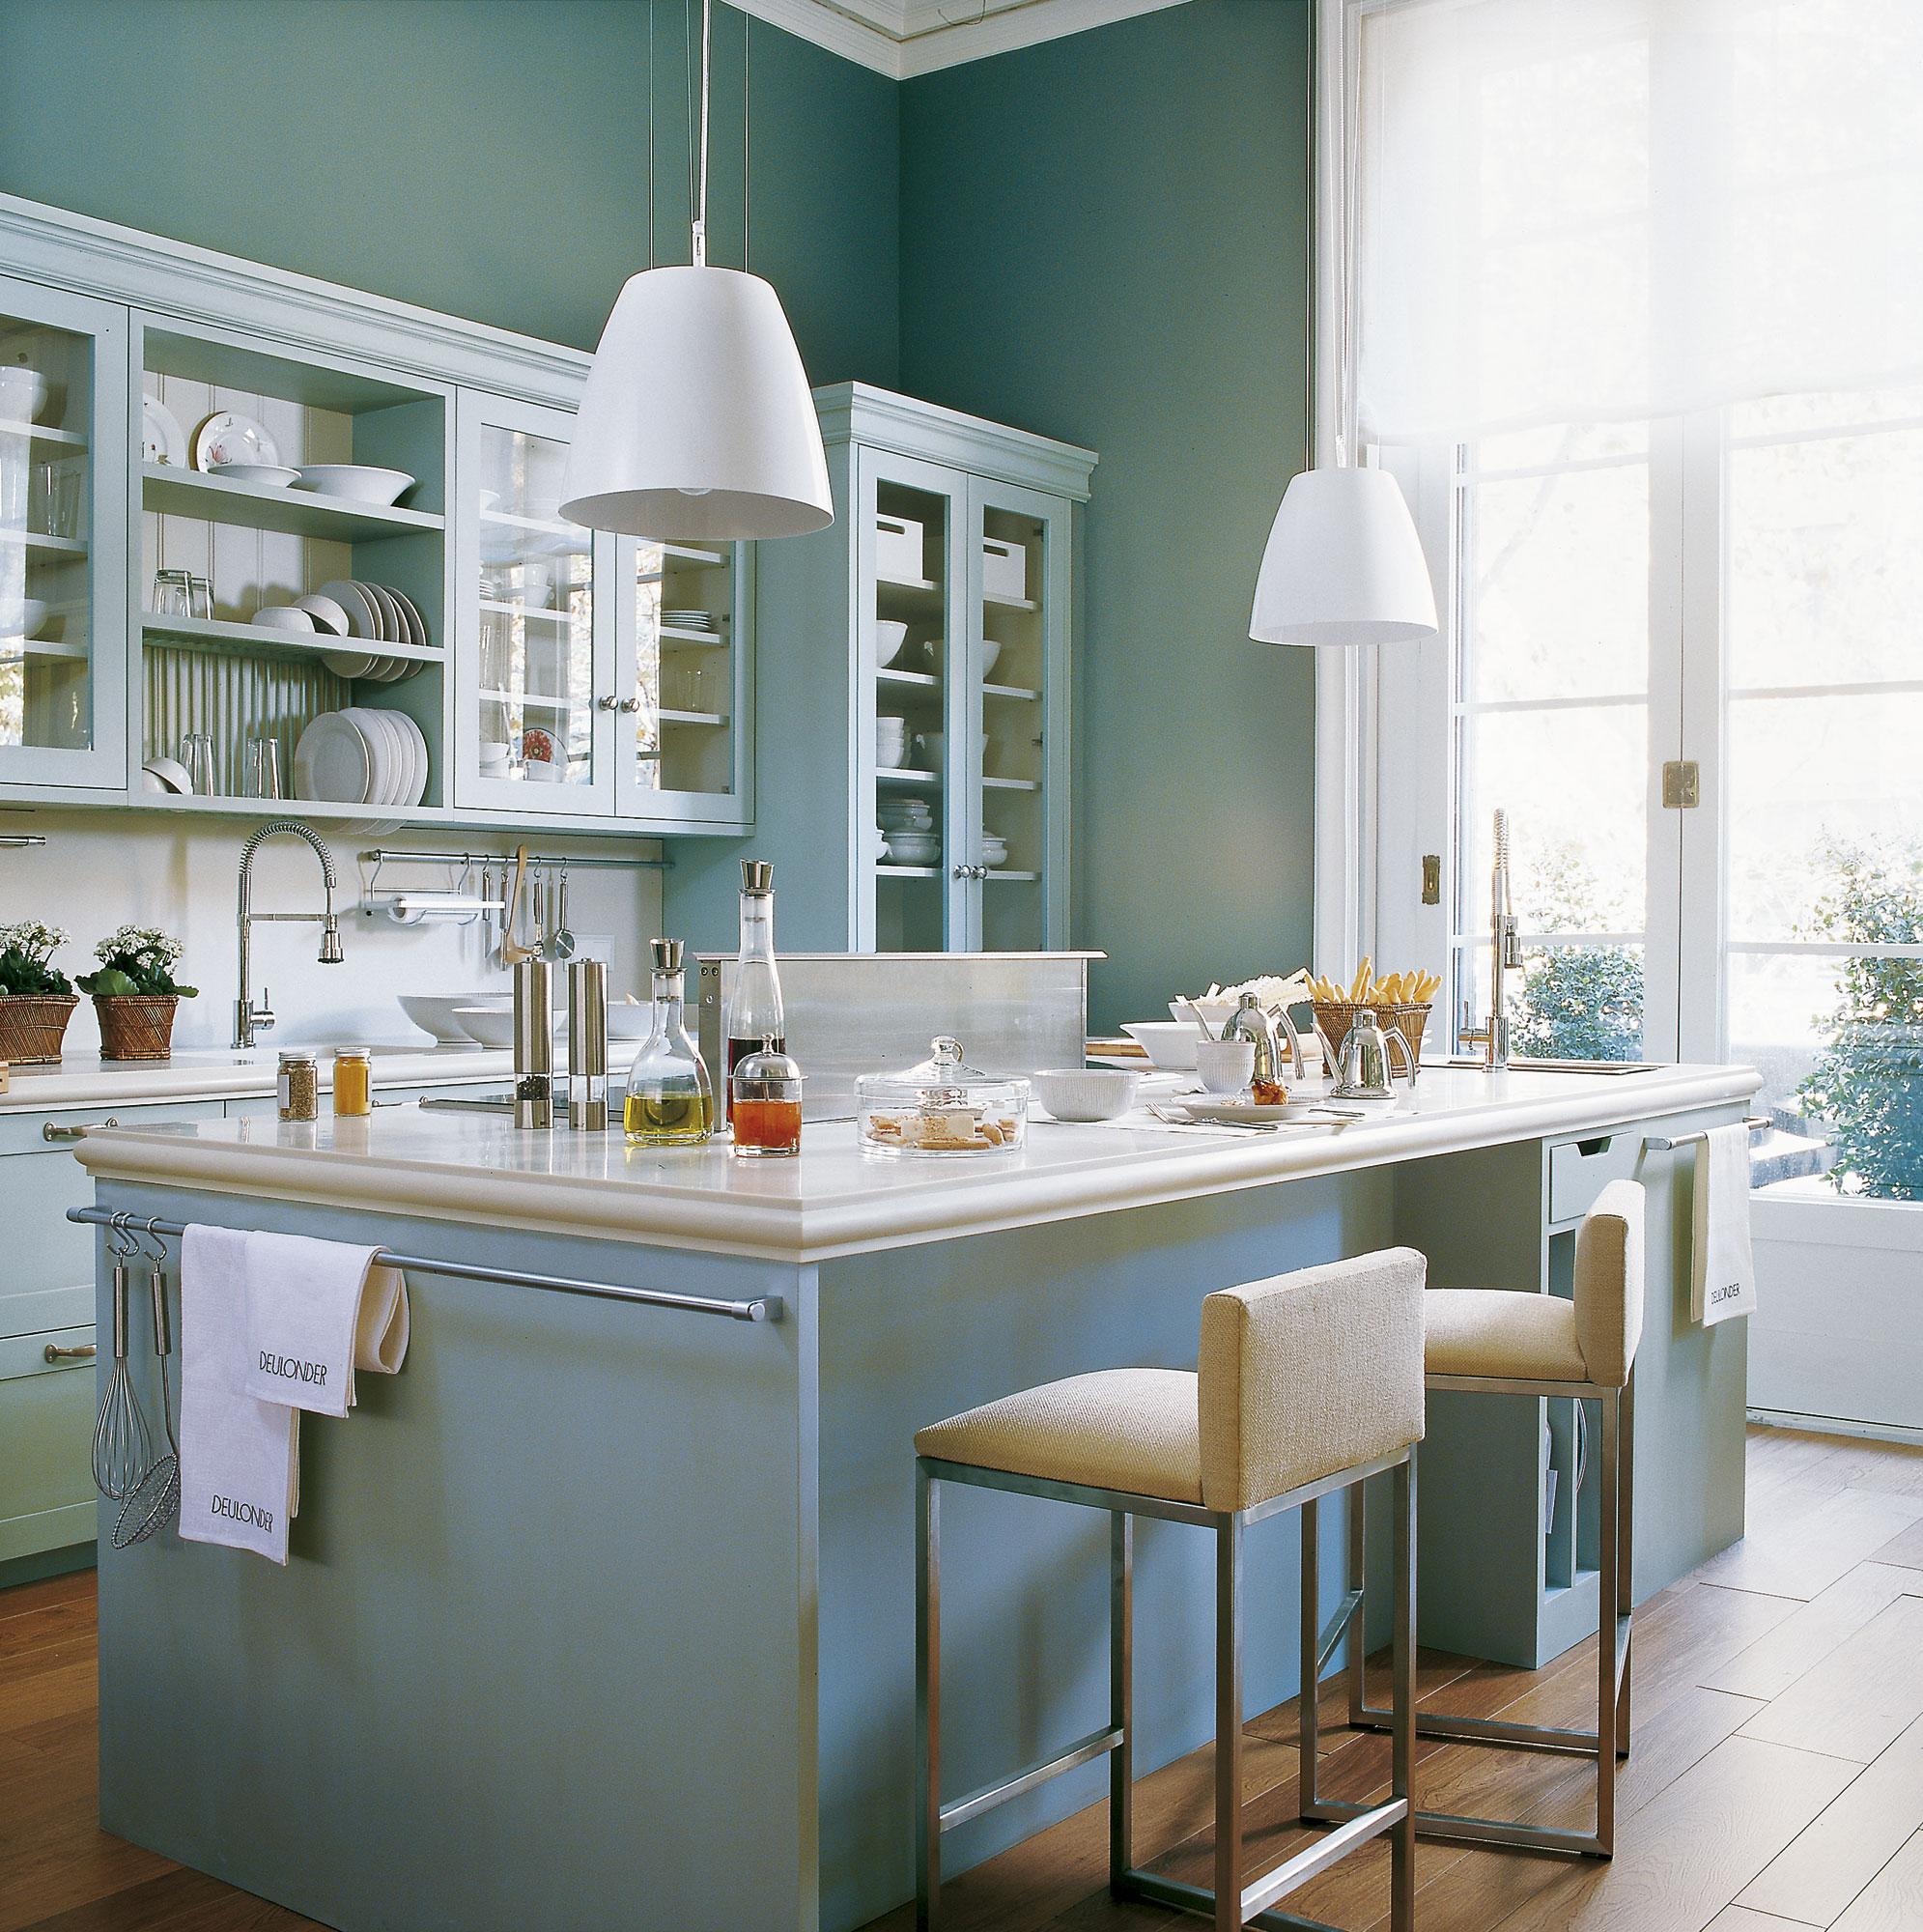 Dise o de una cocina con barra de desayuno - Cocinas con parquet ...